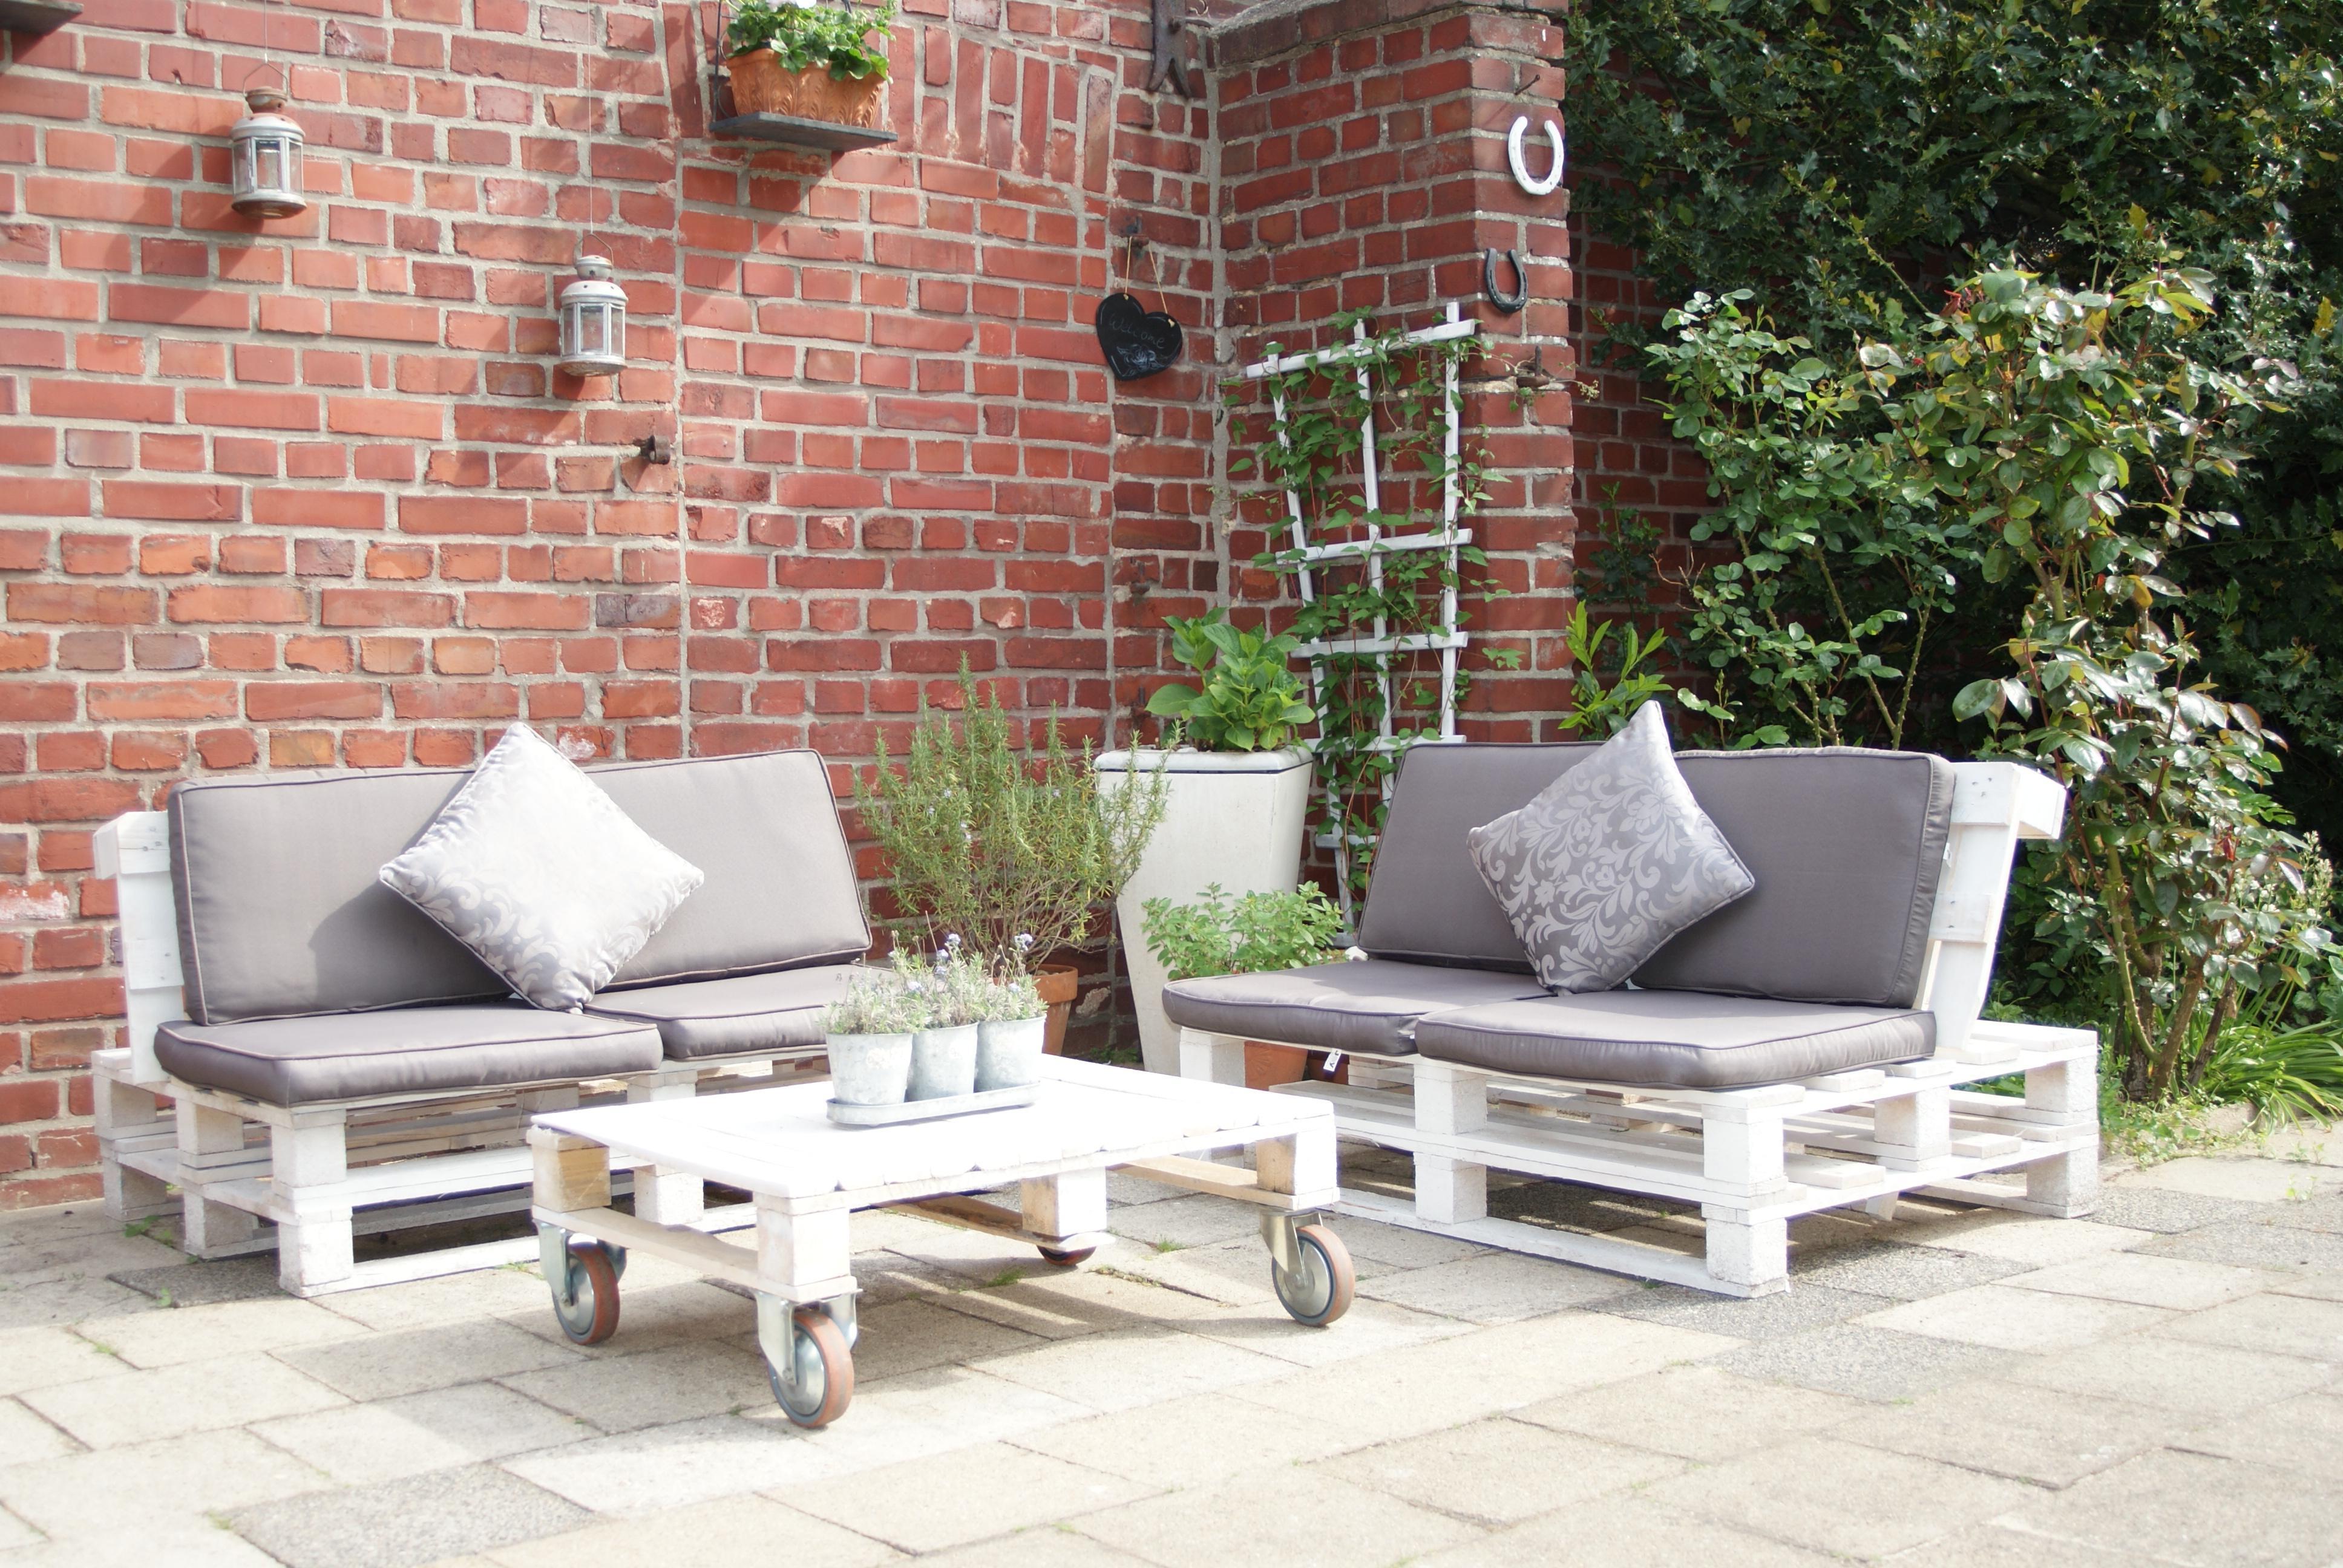 Palettensofa Bilder Ideen Couch